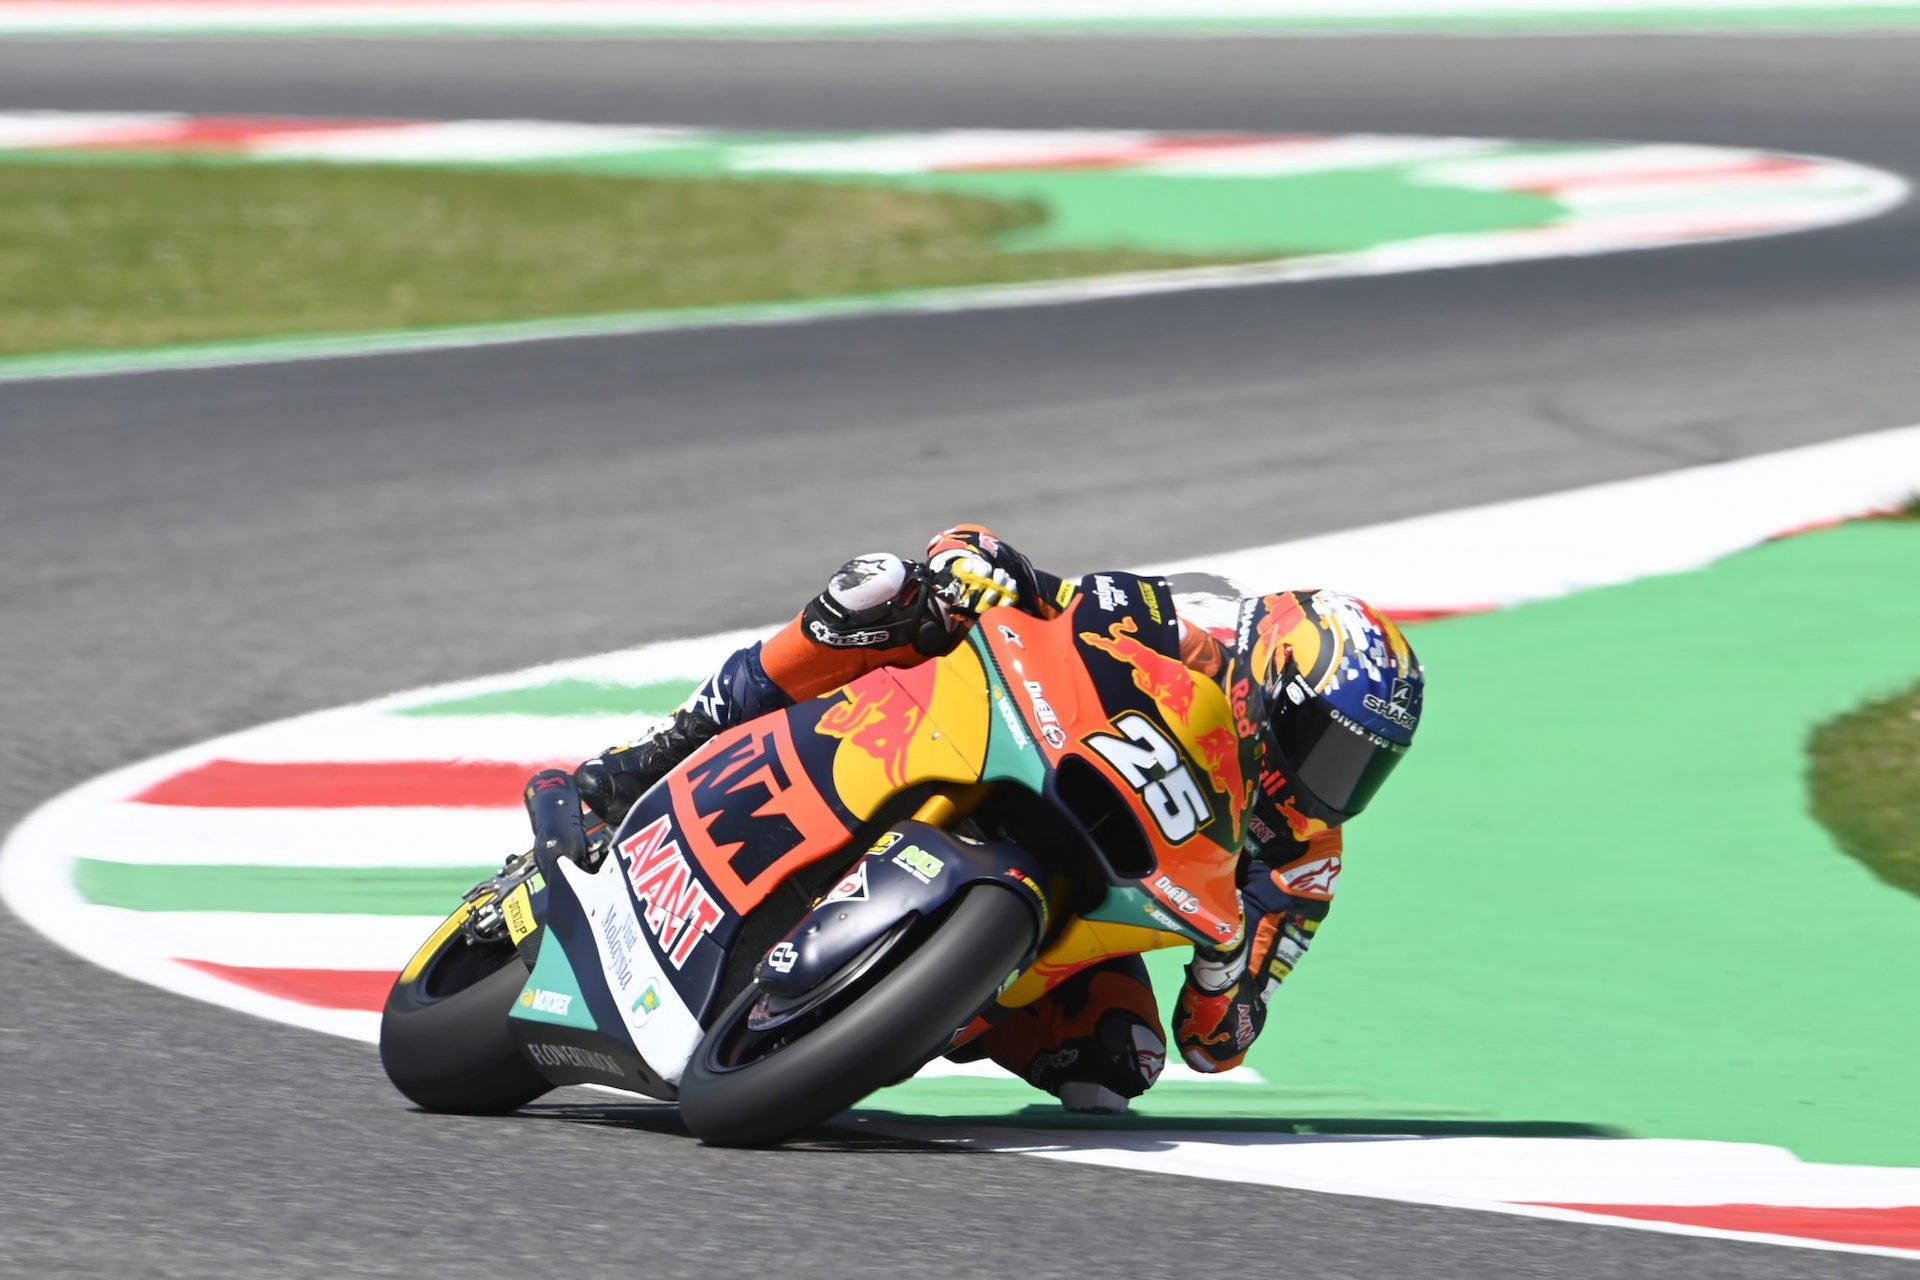 Resultados viernes Moto2. Raúl Fernández lidera el día